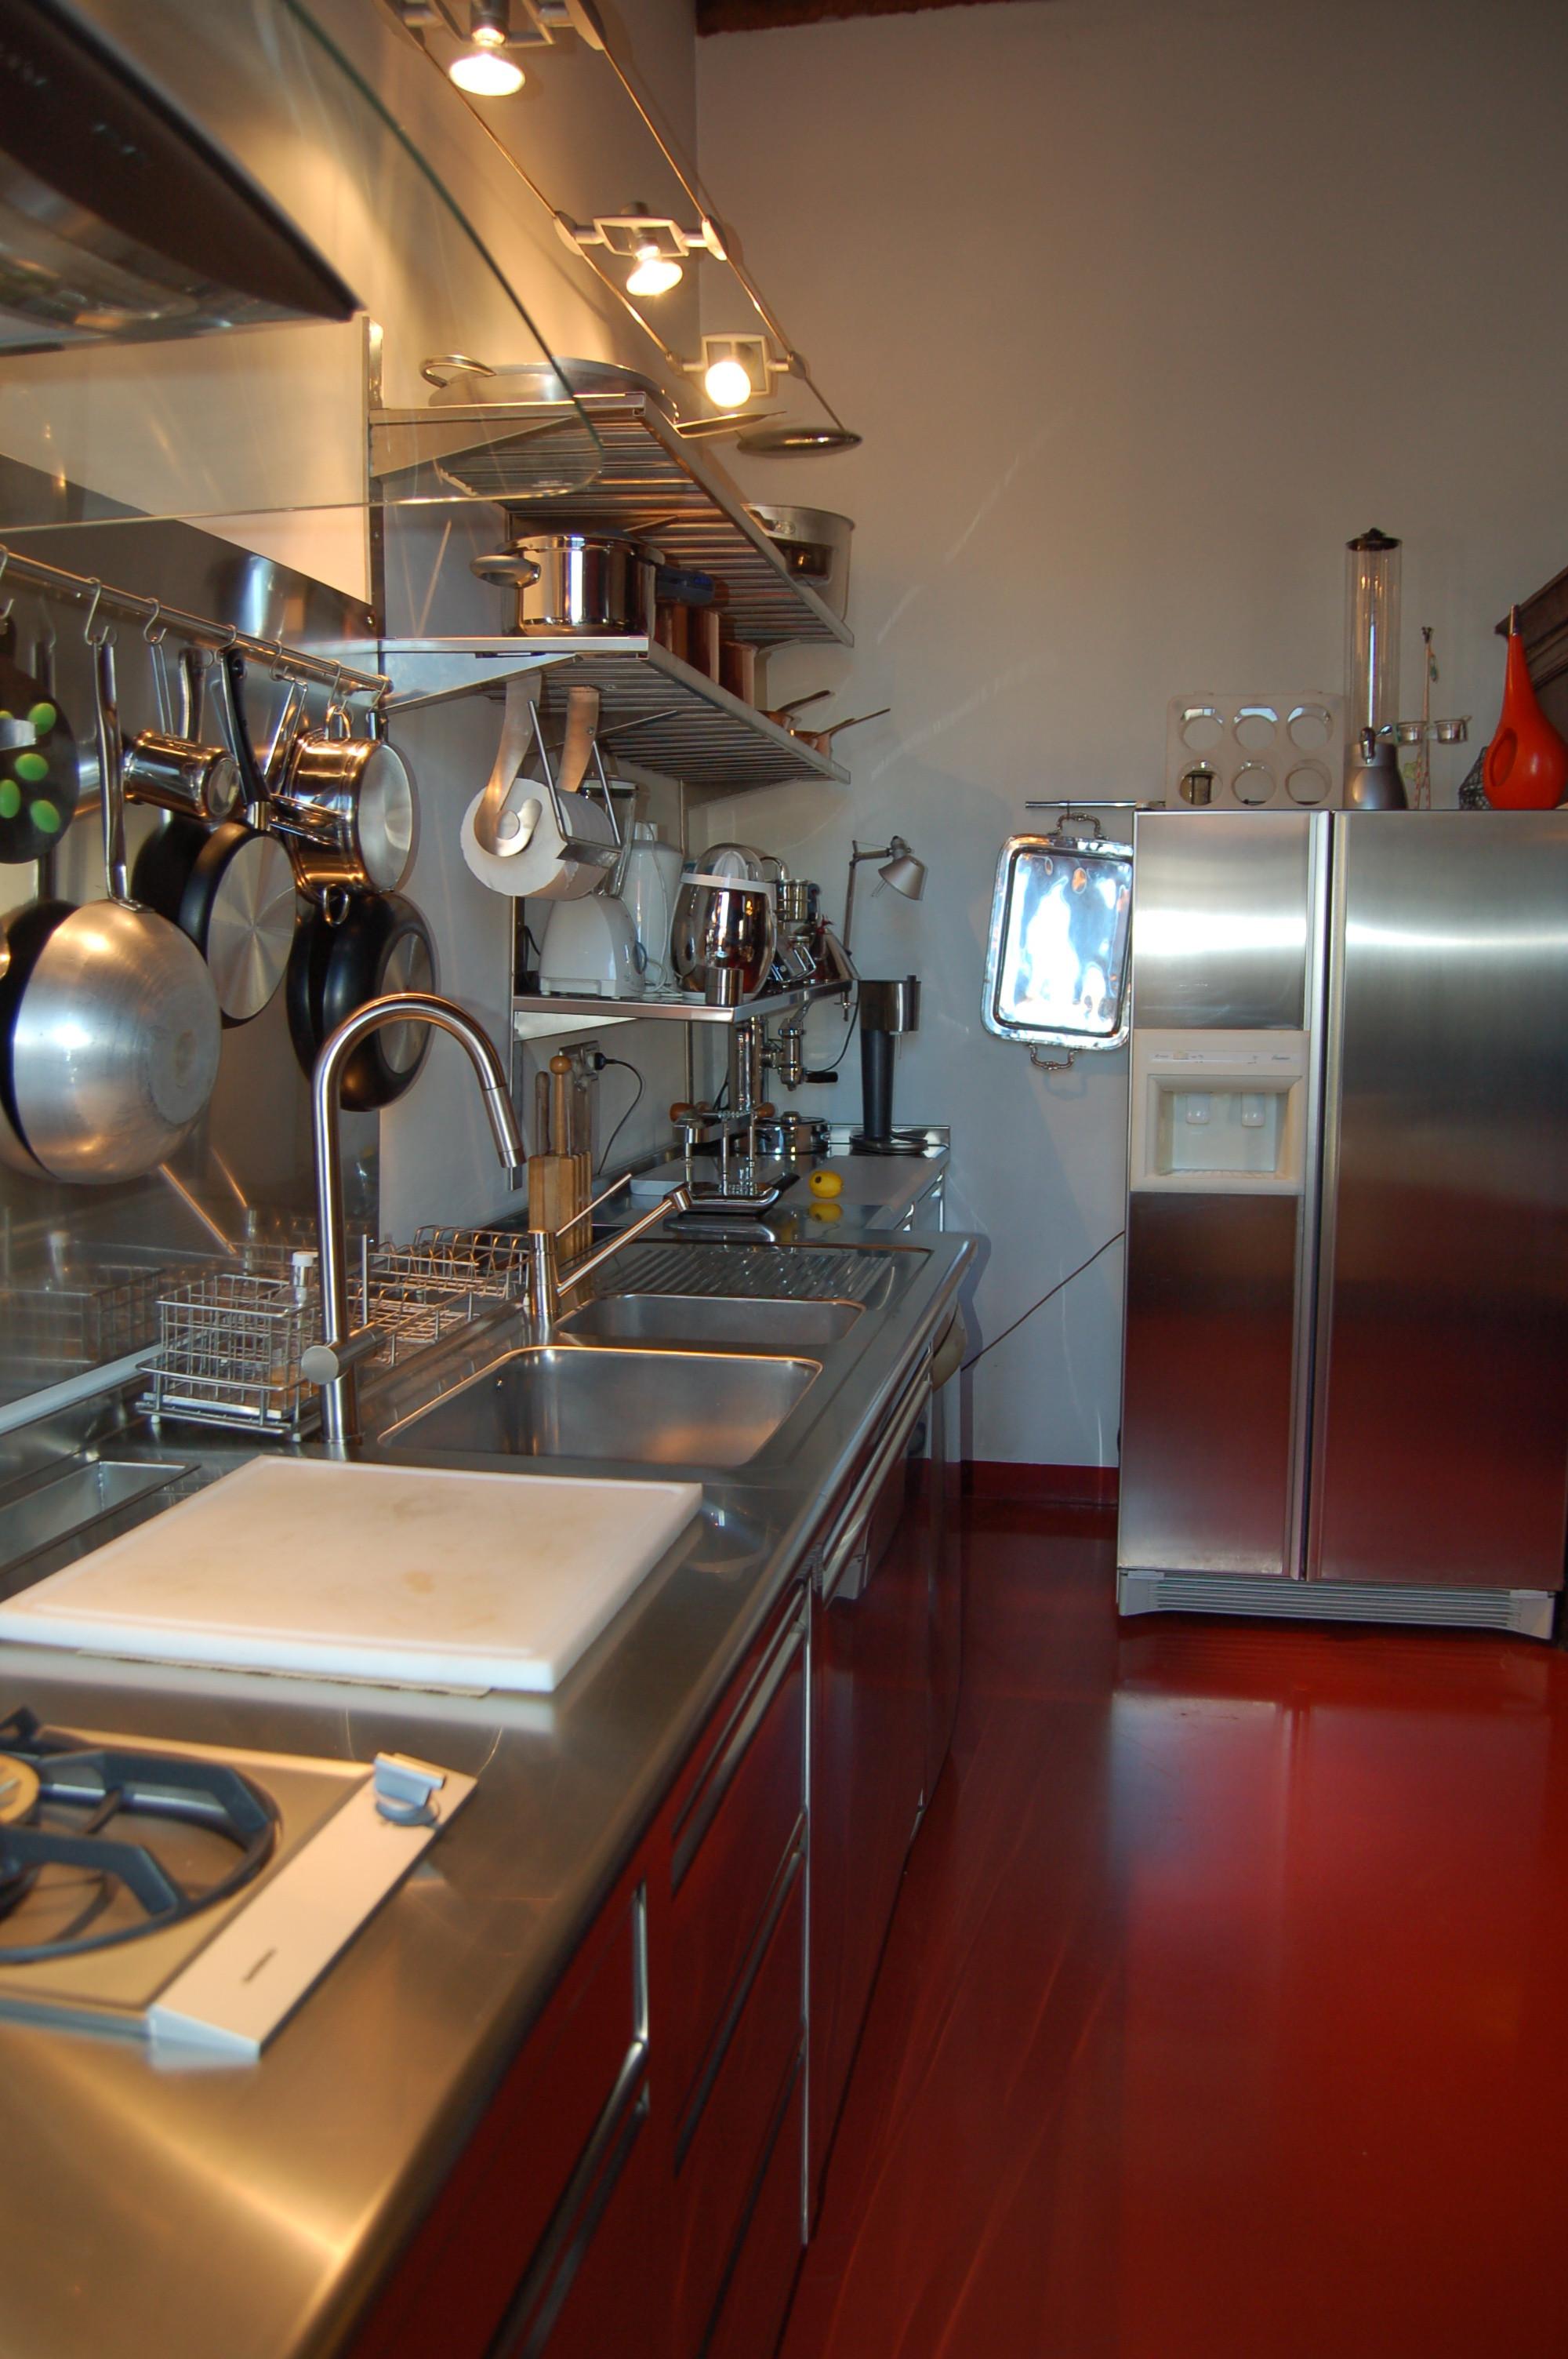 Cucina Professionale In Una Residenza D Epoca Alfonso Vesentini Argento